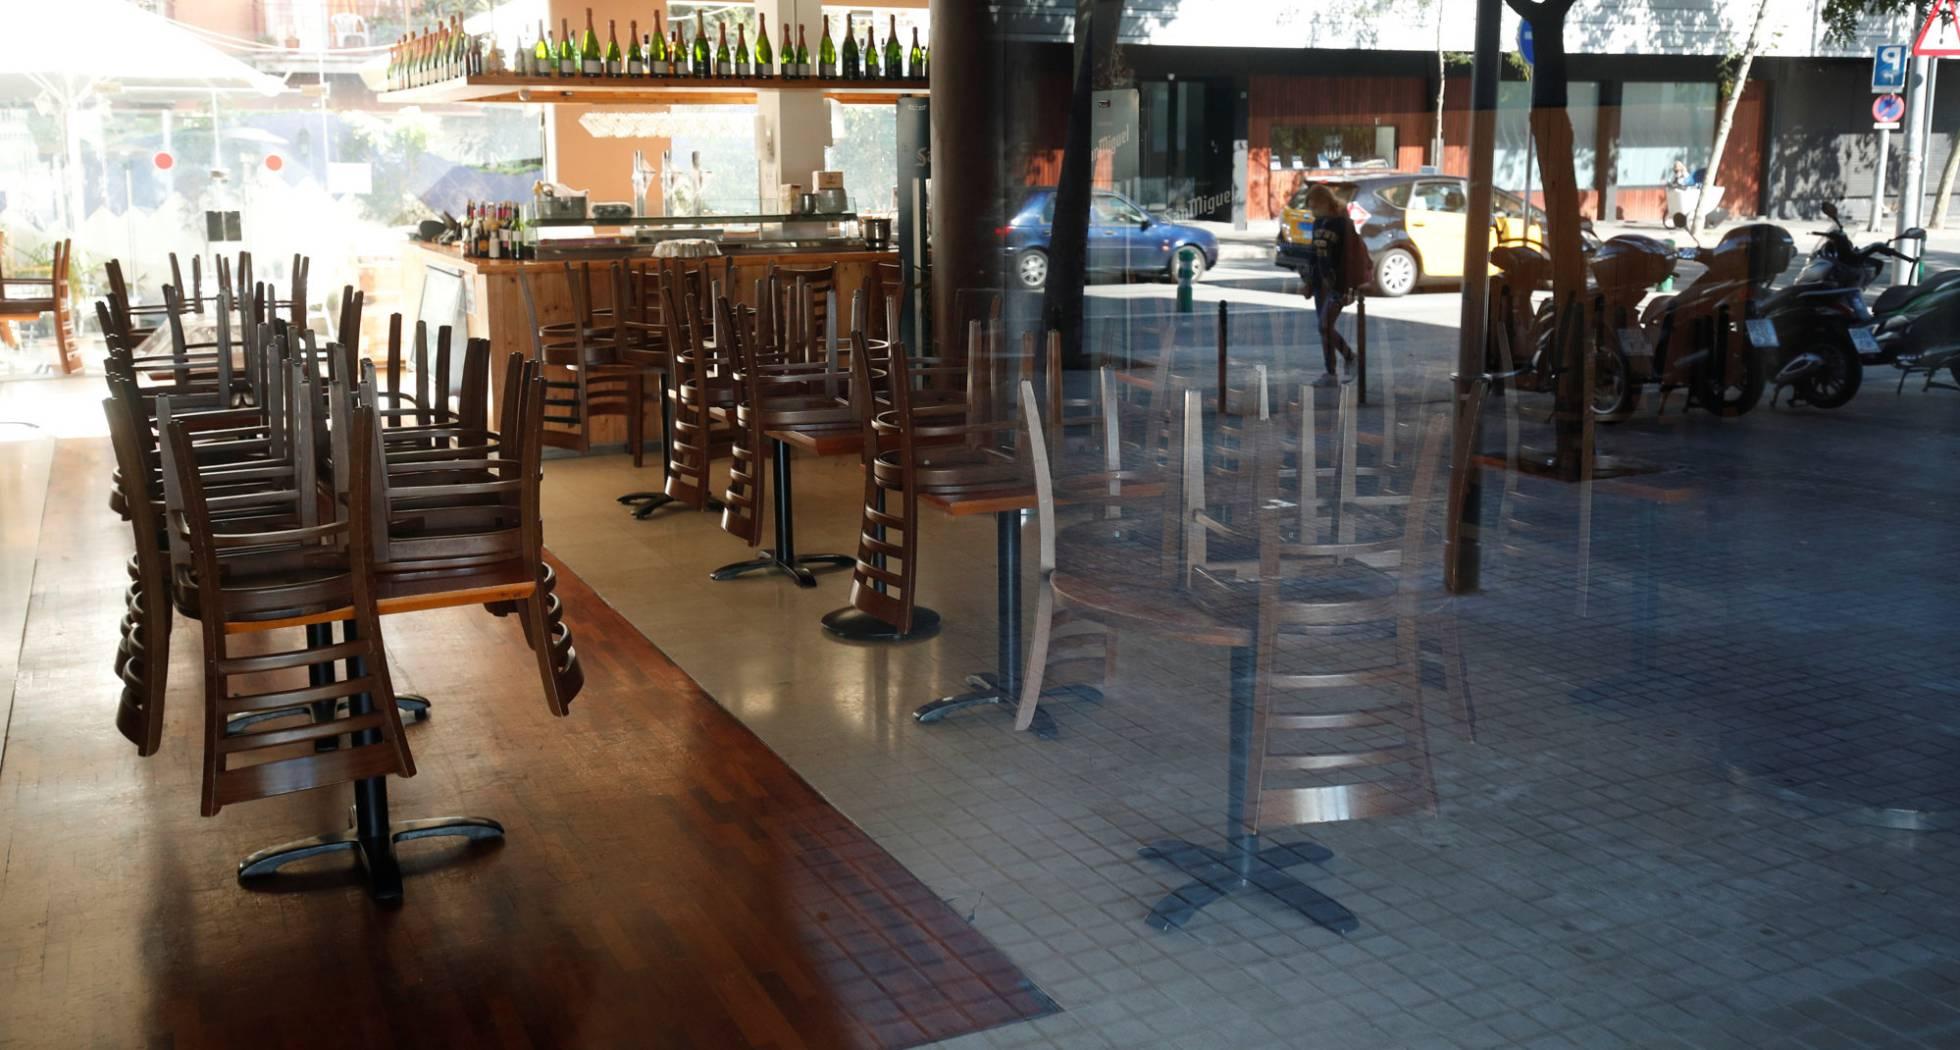 Cataluña anuncia el cierre de bares y restaurantes durante 15 días por el coronavirus